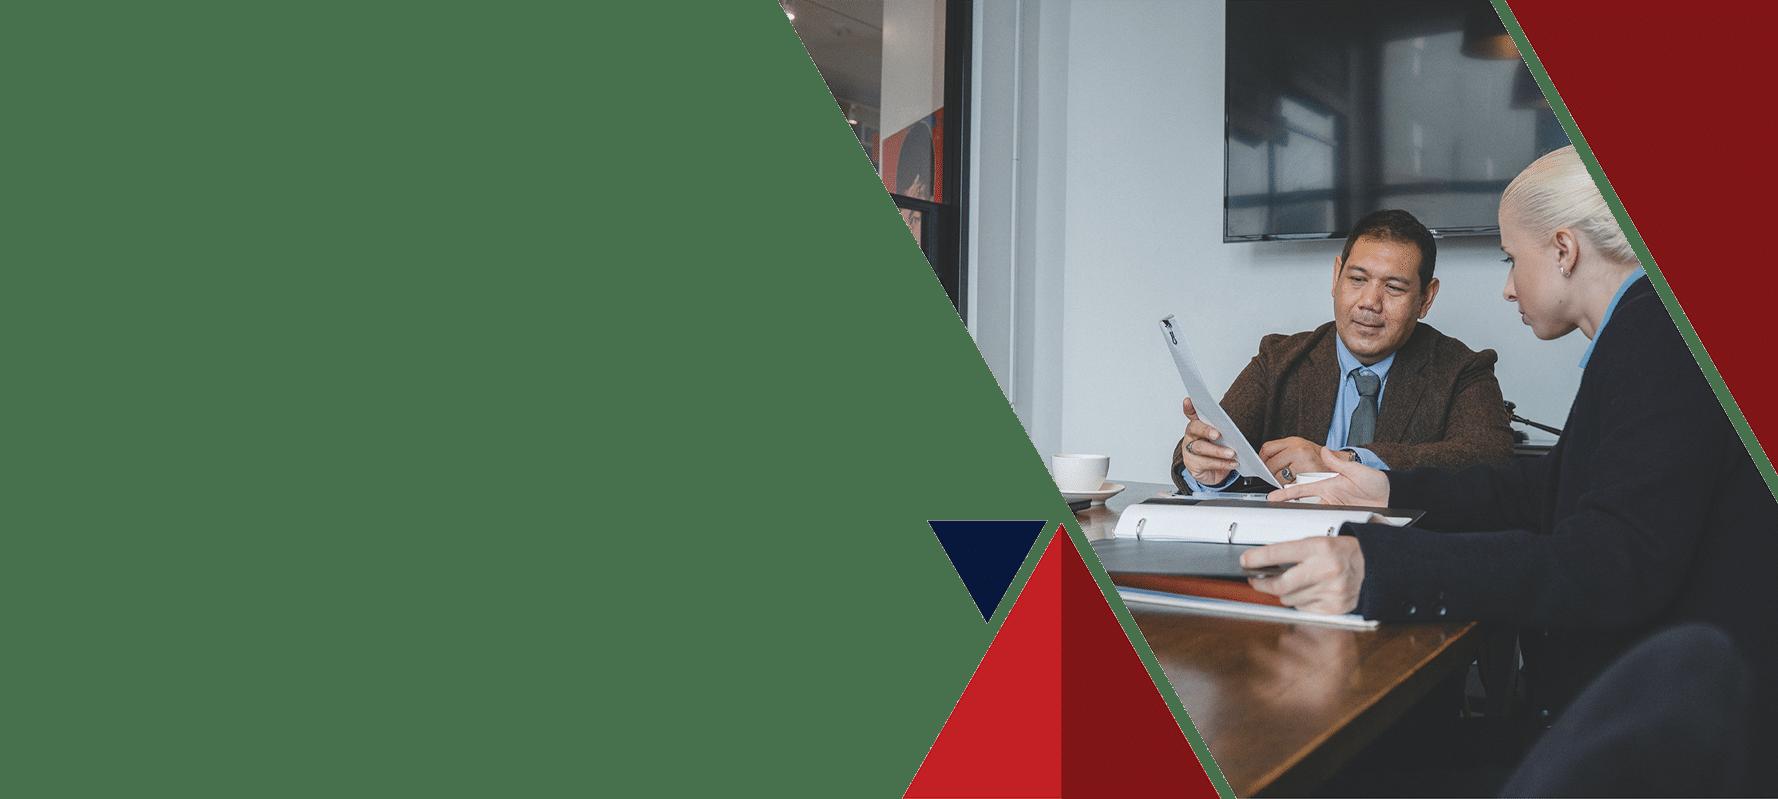 Kinetix Software Services - Doc Management banner